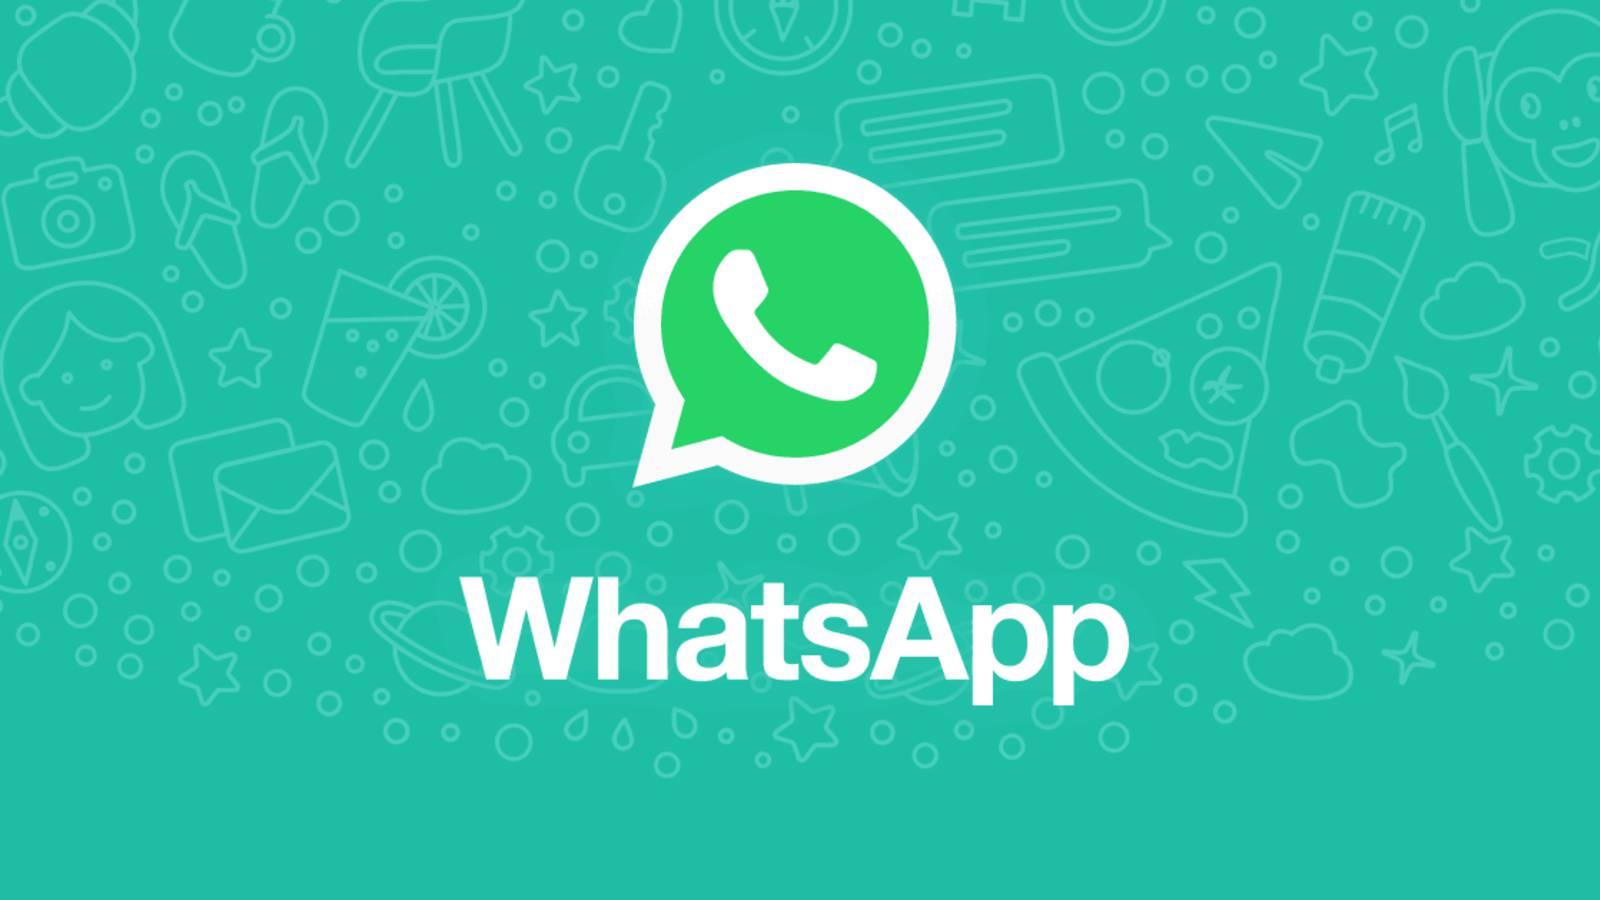 WhatsApp invitatie